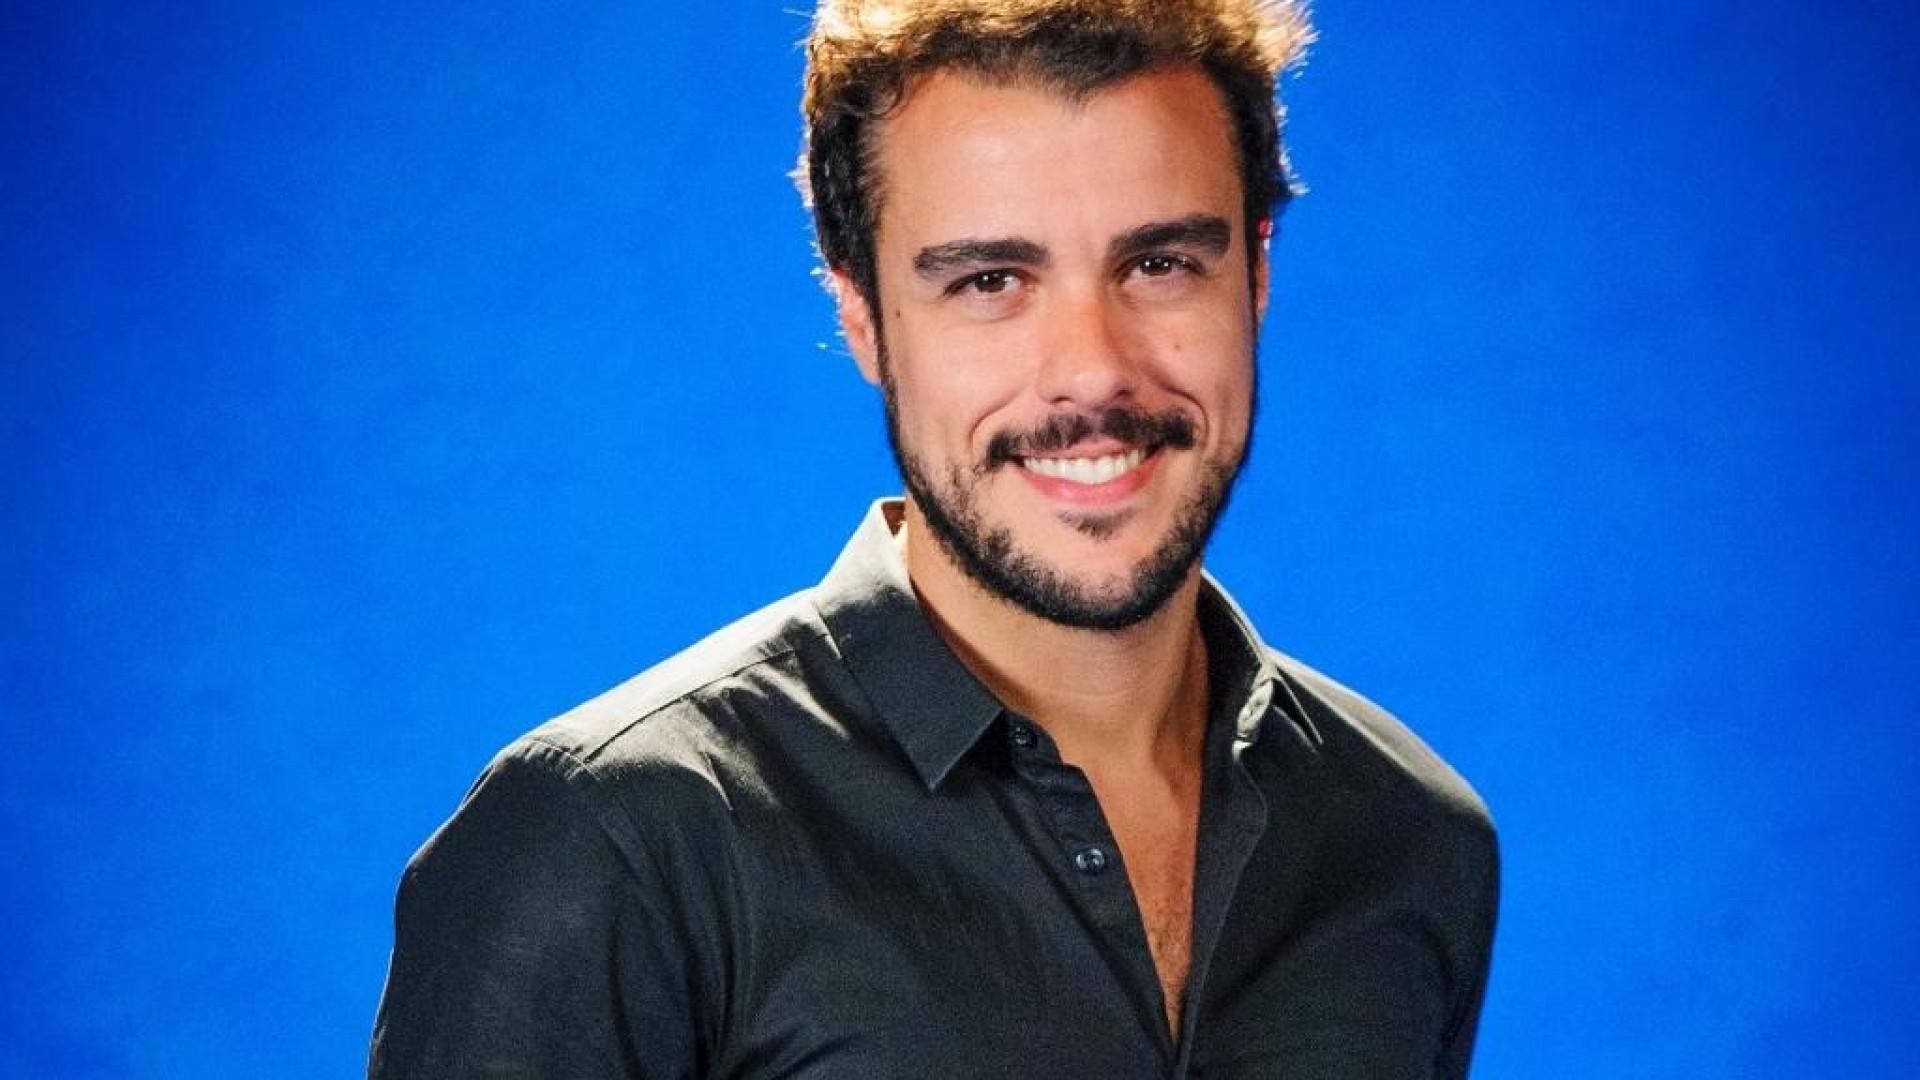 Joaquim Lopes anuncia que vai ser pai de gêmeas: 'Tranquilidade absolutamente insana'